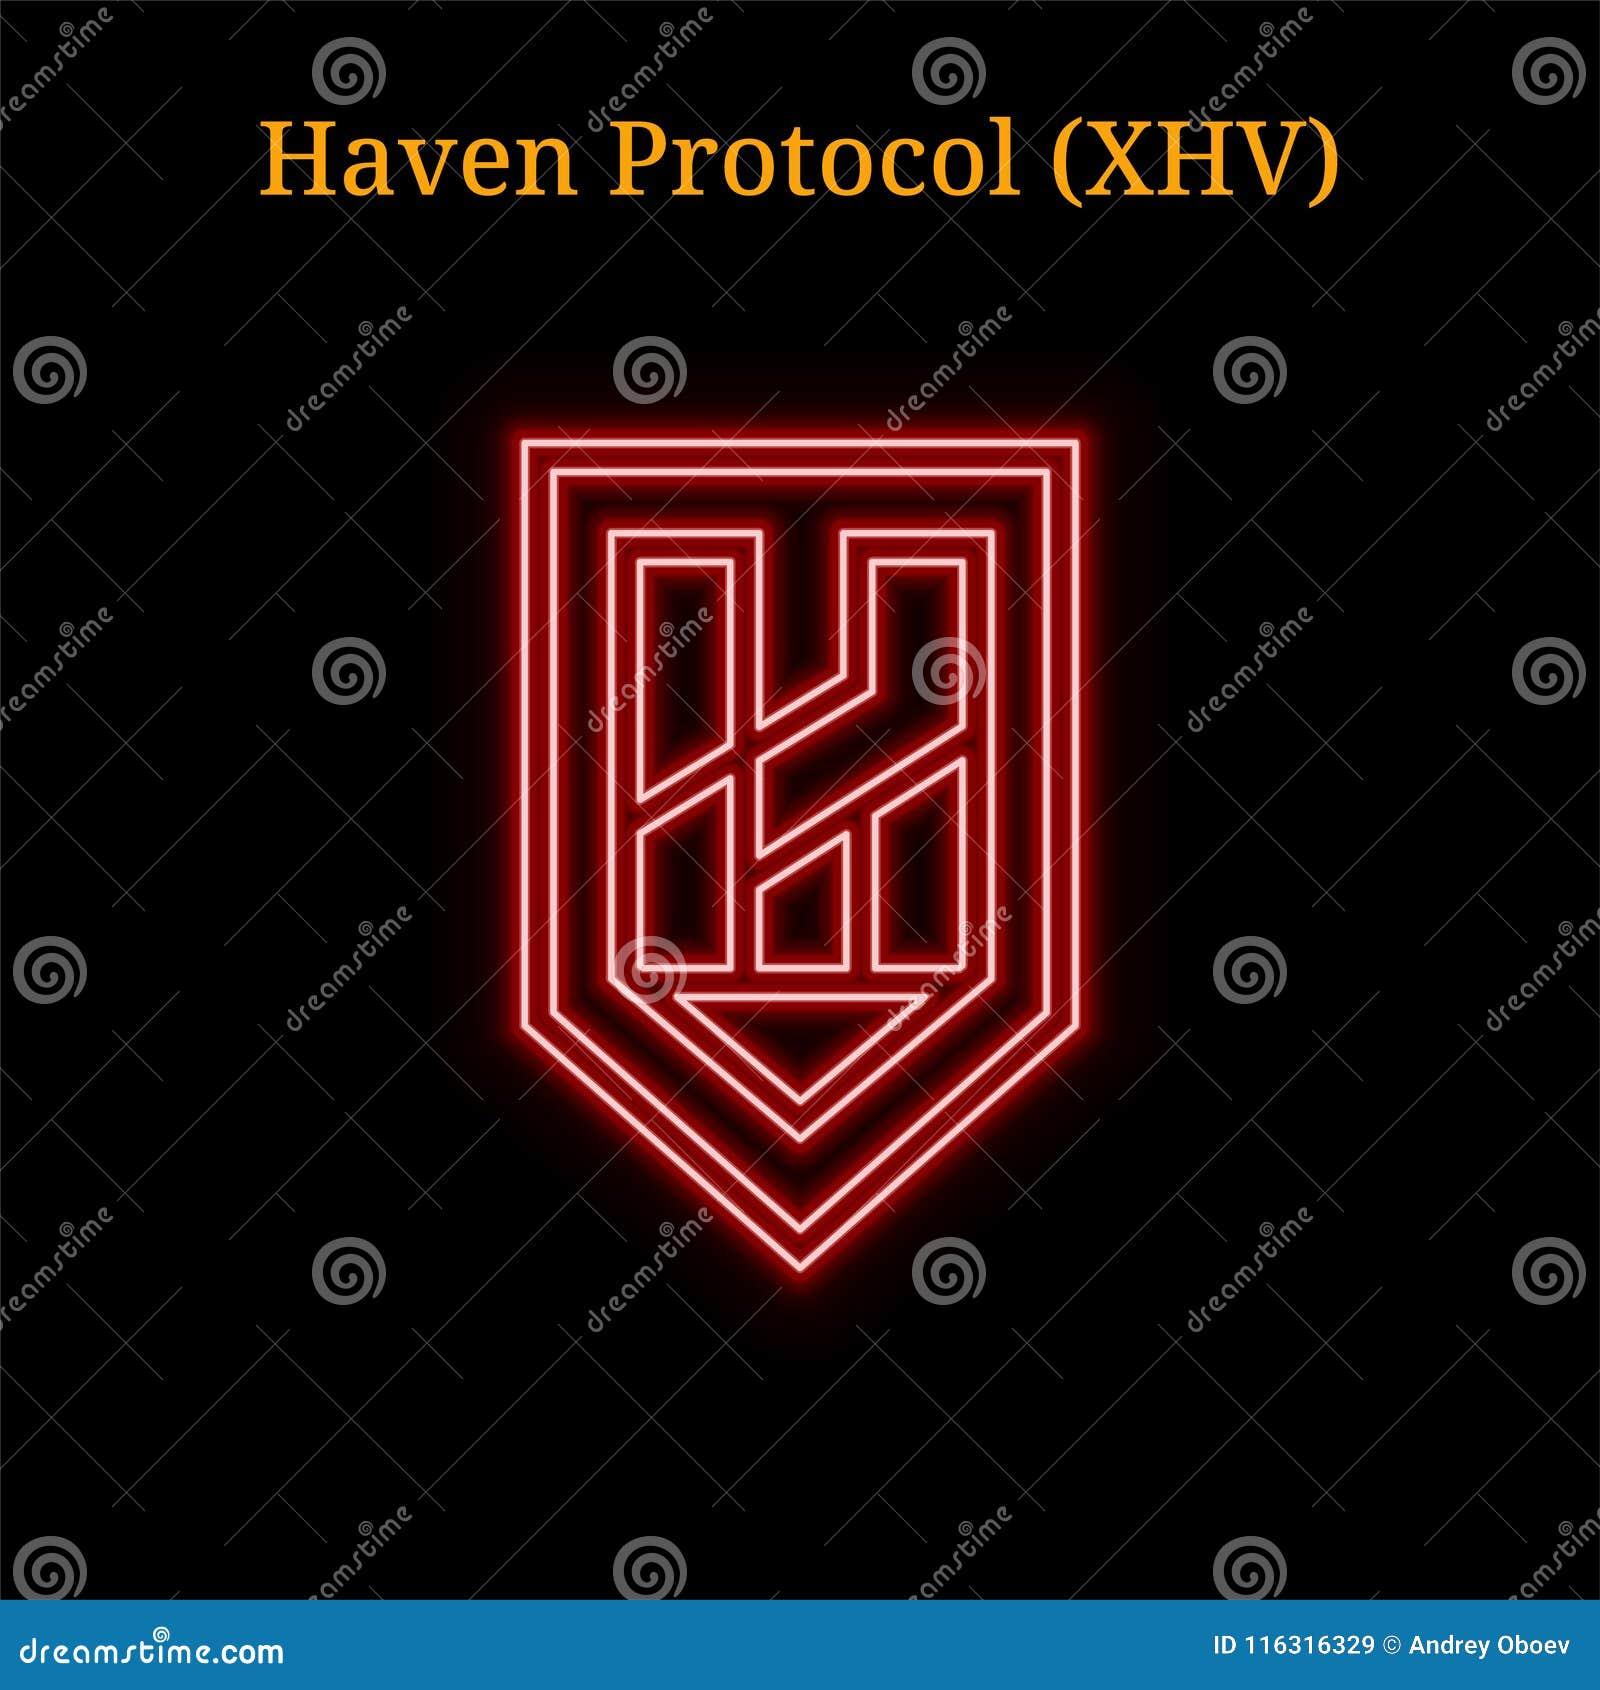 Czerwony neonowy przystań protokołu XHV cryptocurrency symbol